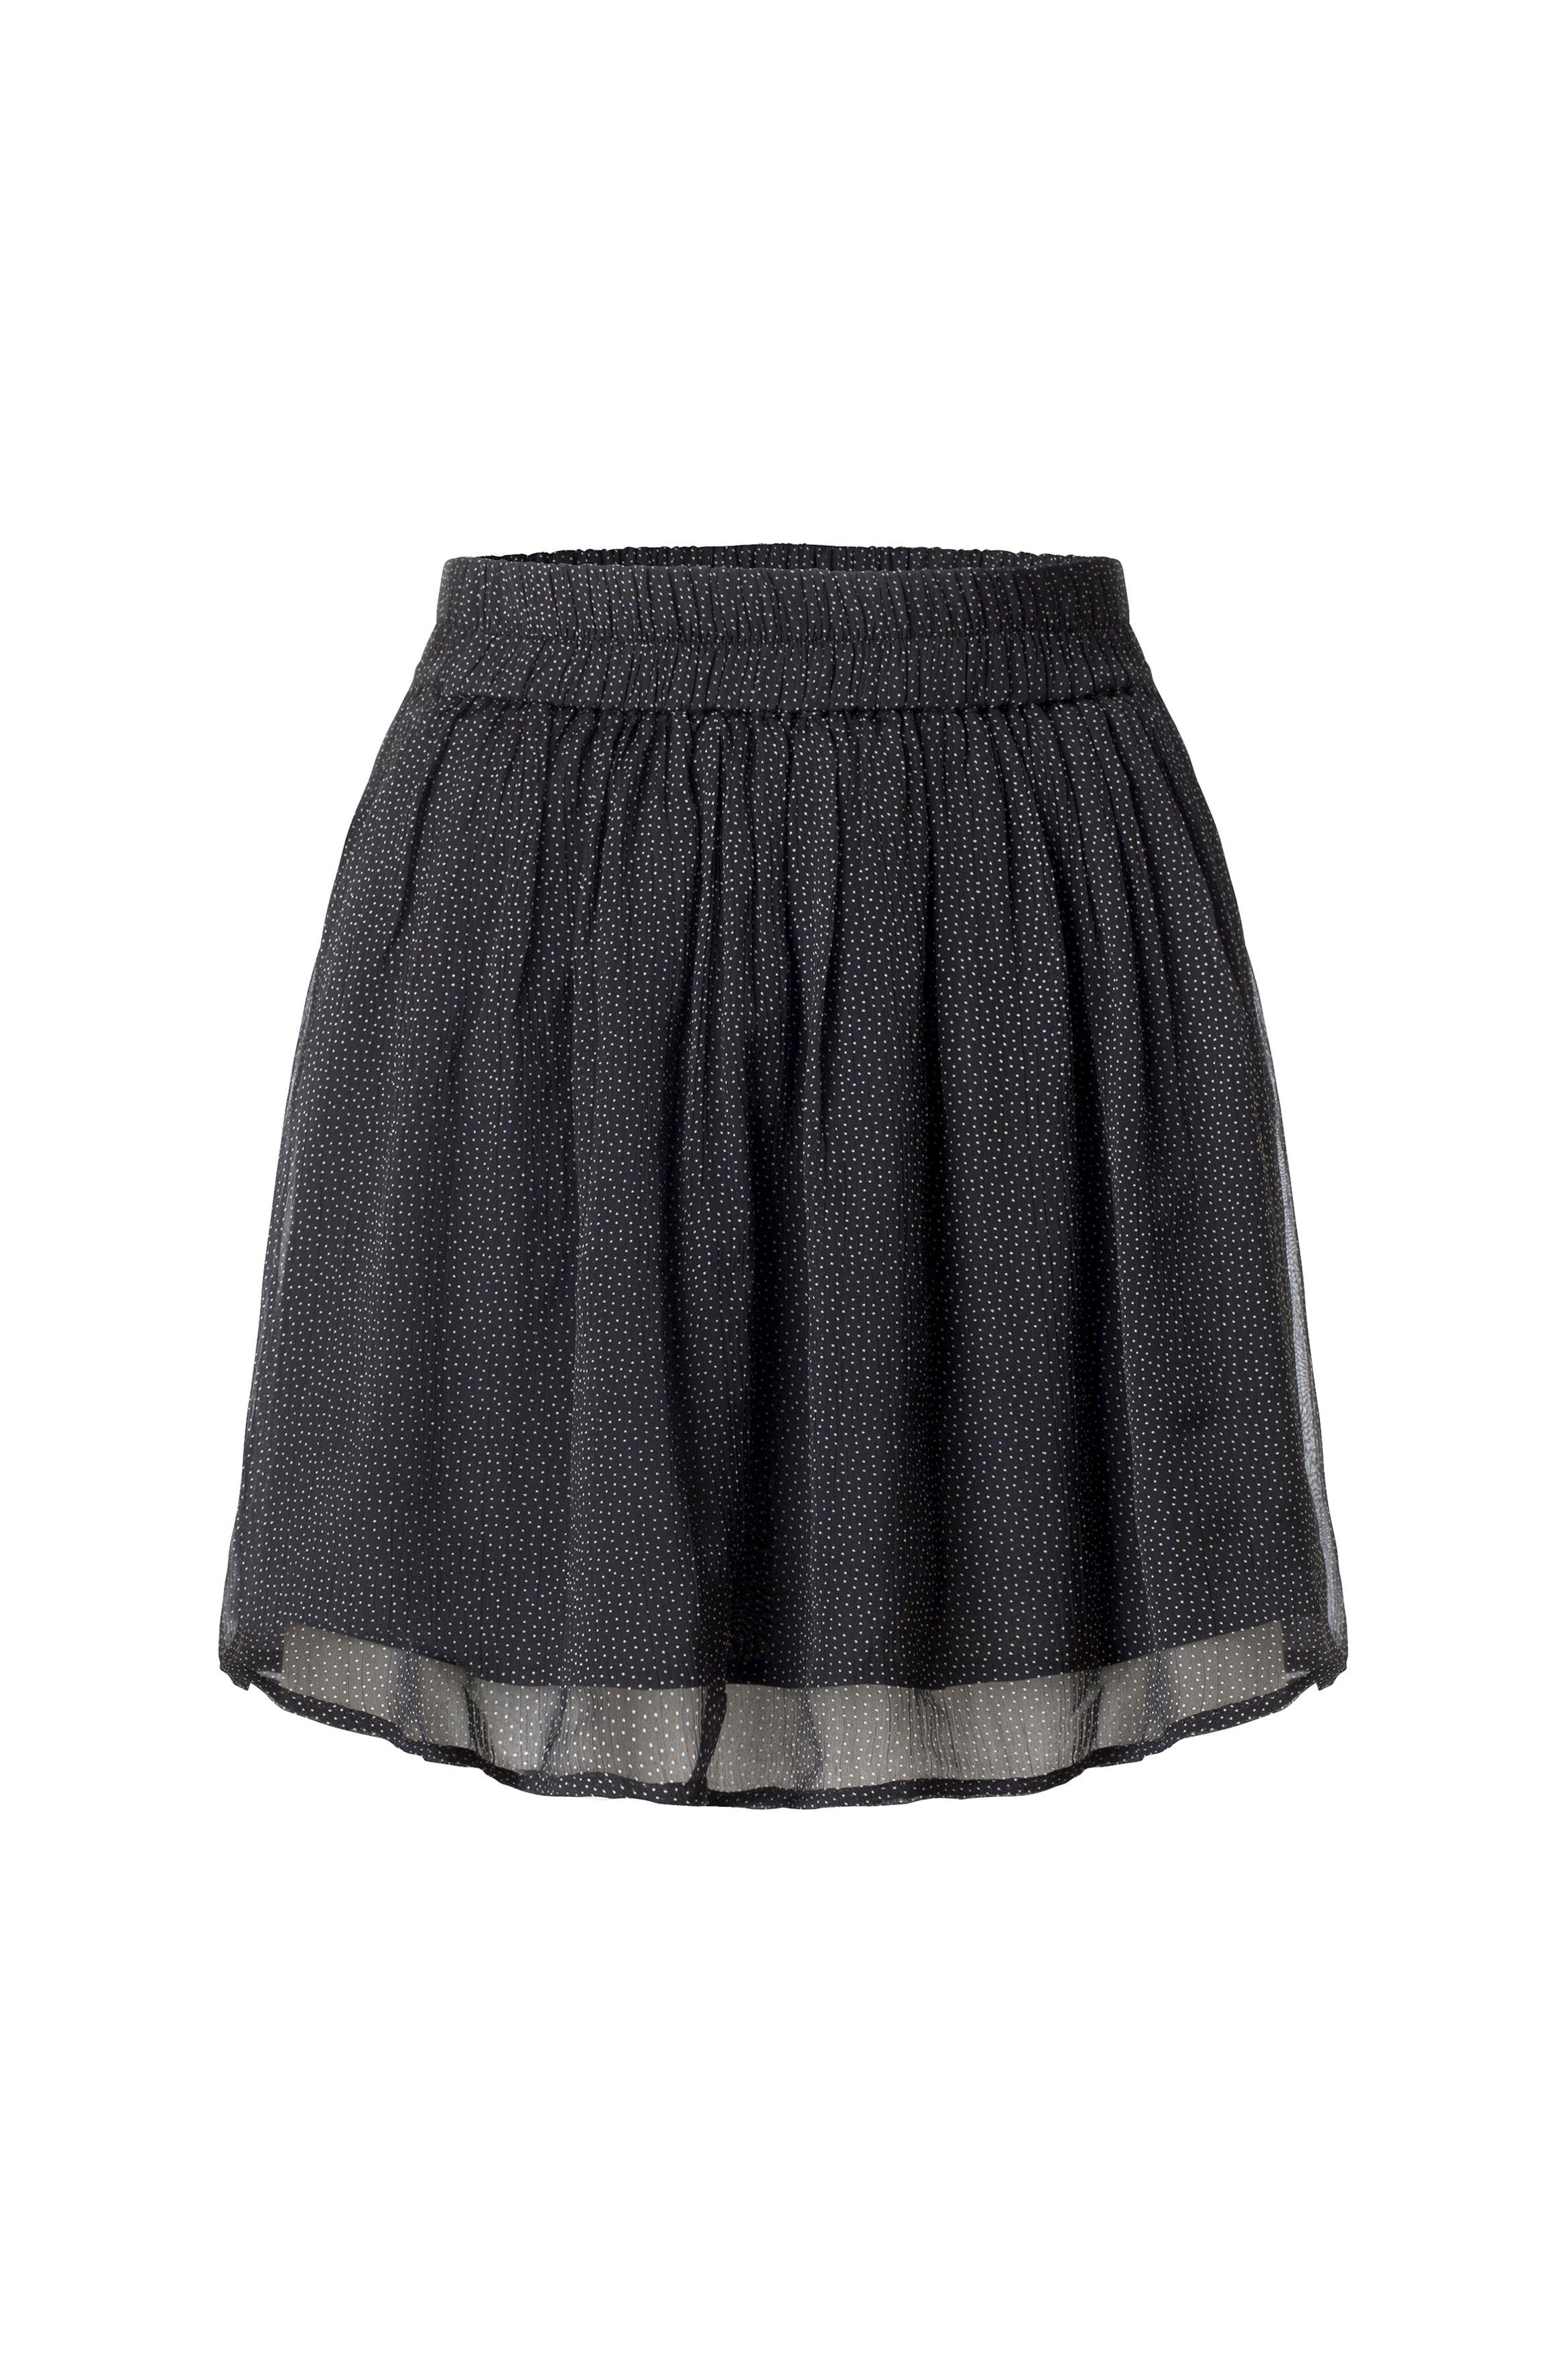 Ganni Santa Fe skirt. June 2015